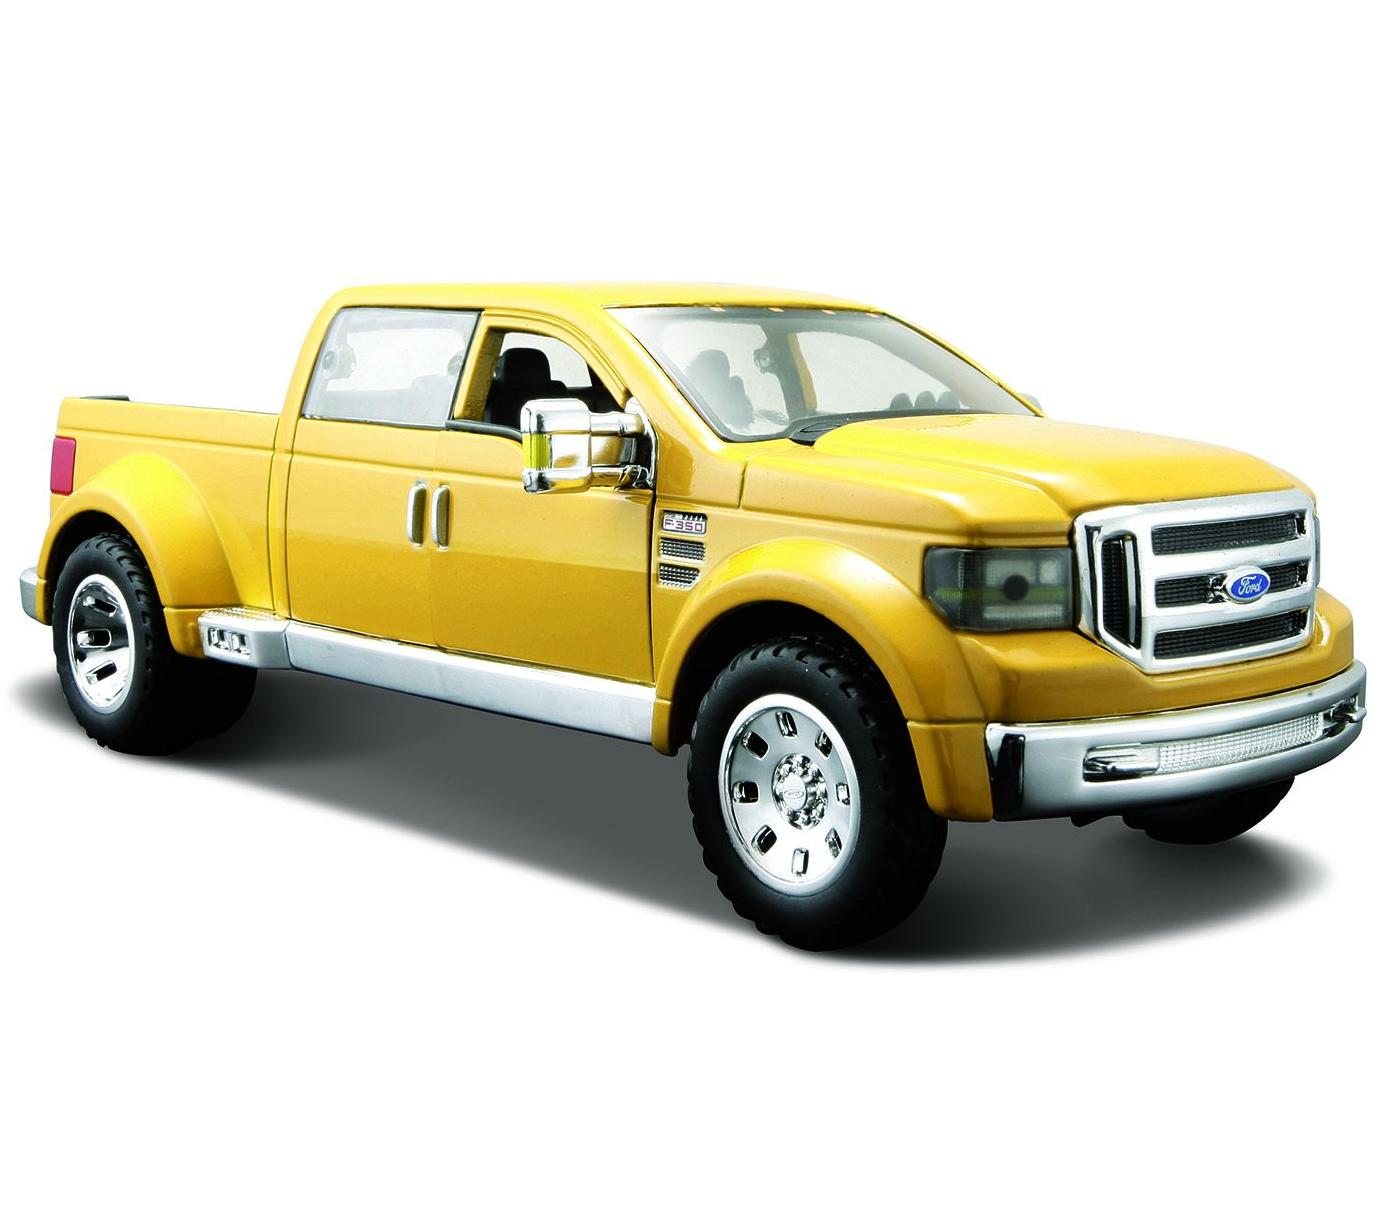 Купить Машинка Maisto 1:24 Ford Mighty F-350 Super Duty, желтая, Игрушечные машинки